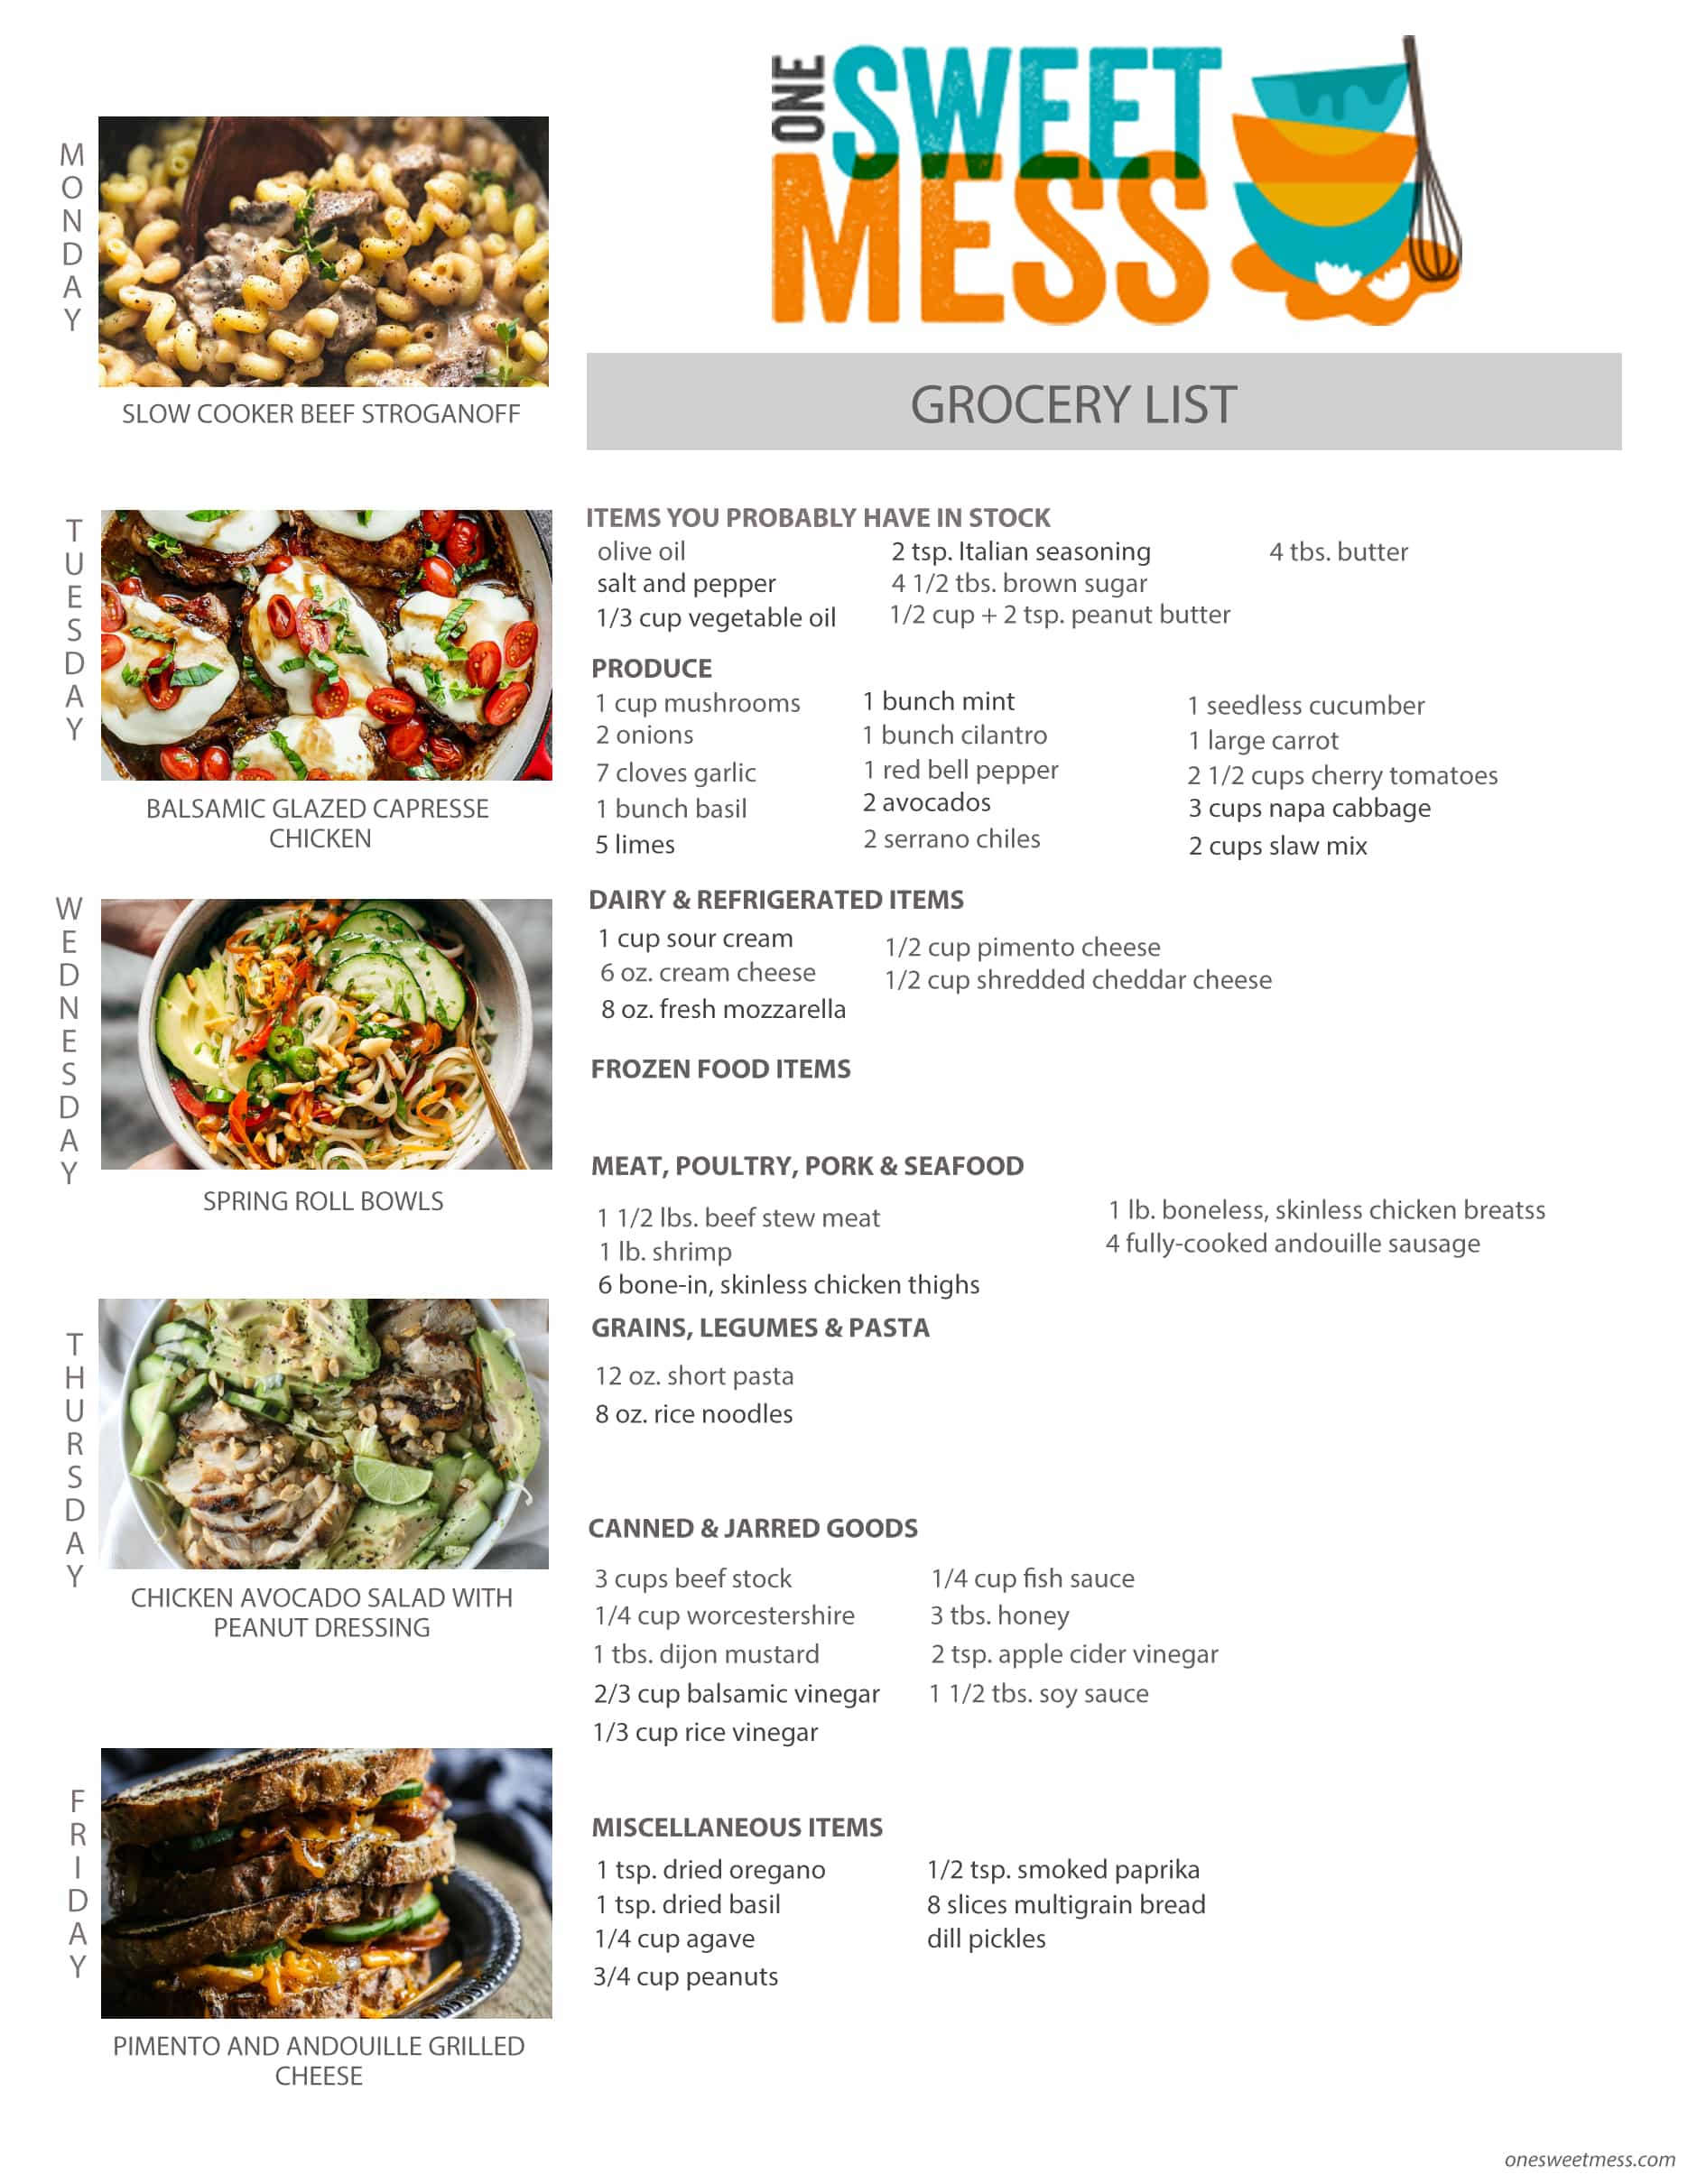 Week of April 10th, 2017 Weekly Meal Plan + Printable Grocery List